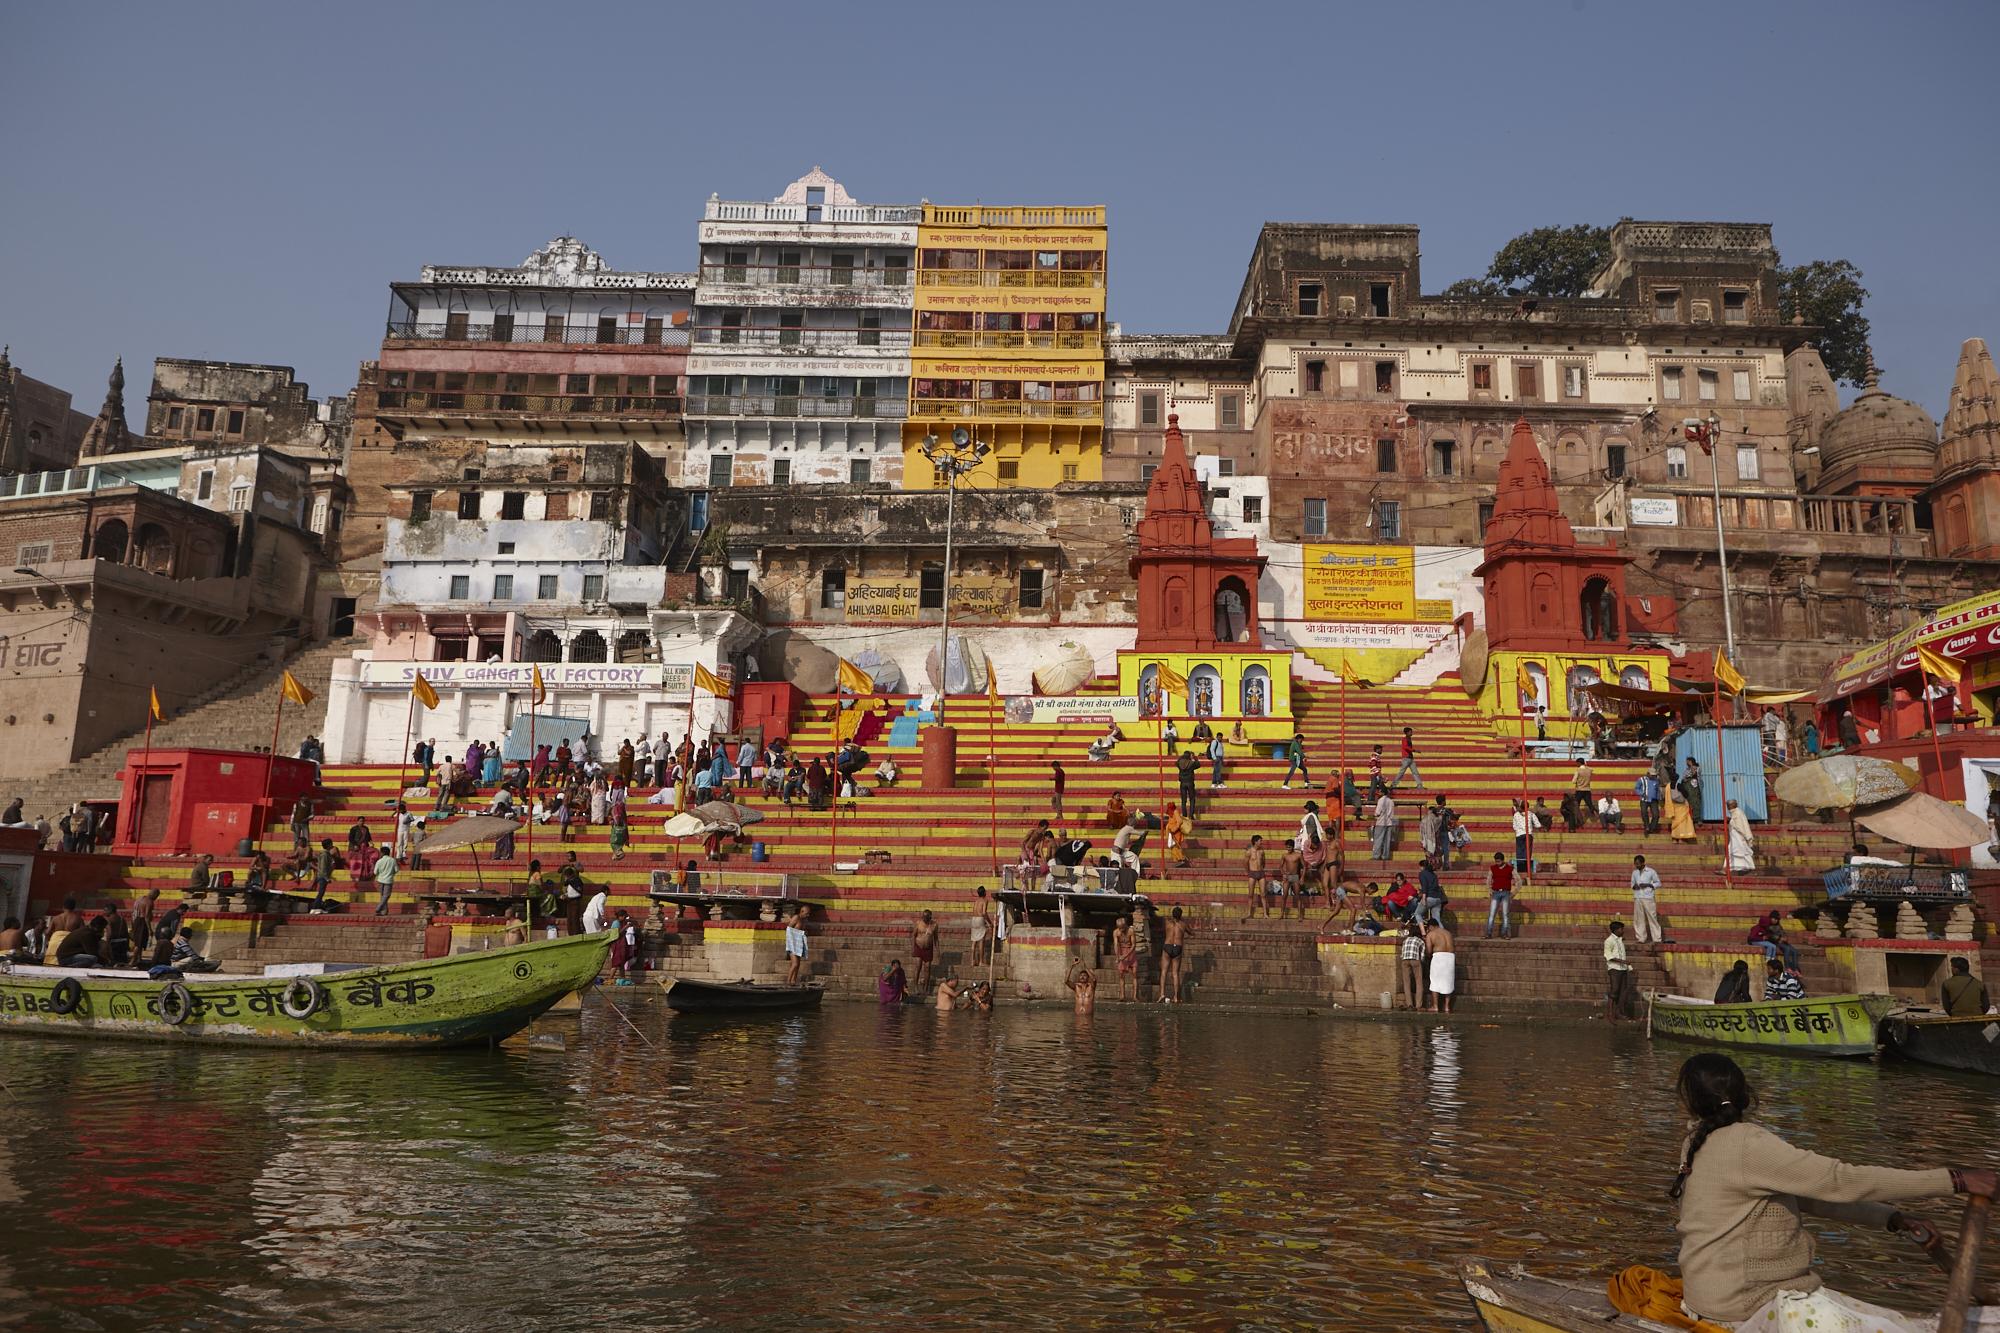 Mumbai_India 2013_0801.jpg